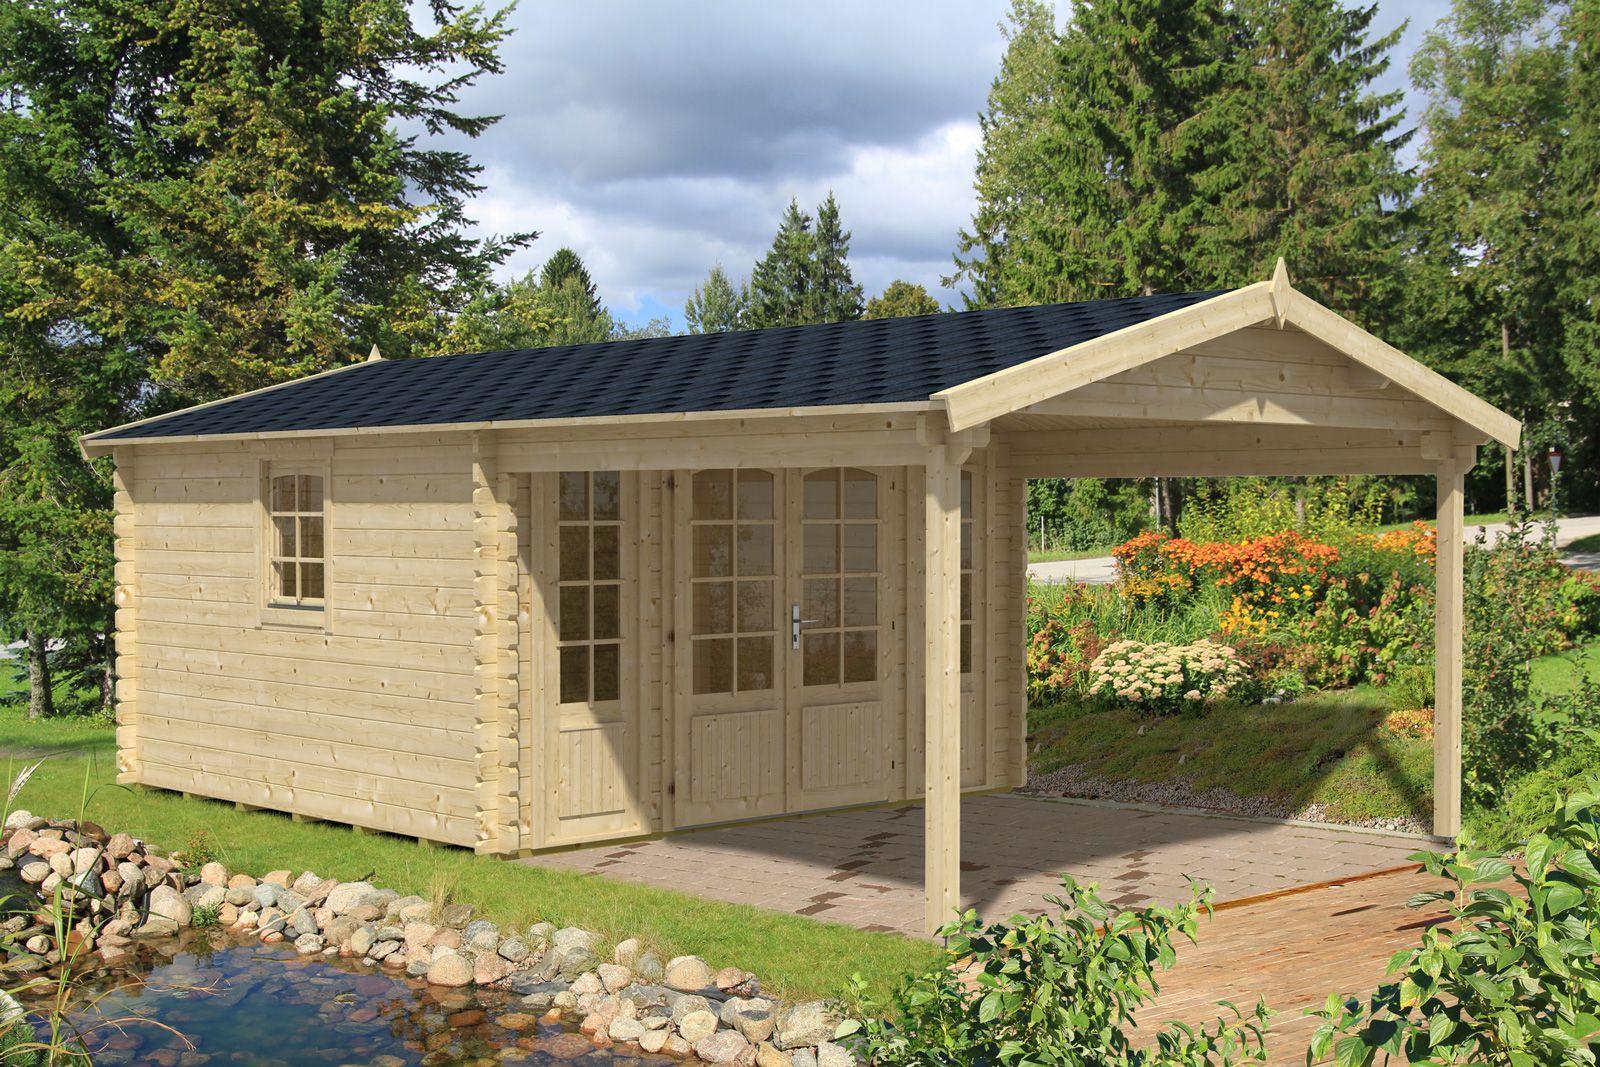 Gartenhaus Spessart ISO Outdoor structures, Outdoor, Shed